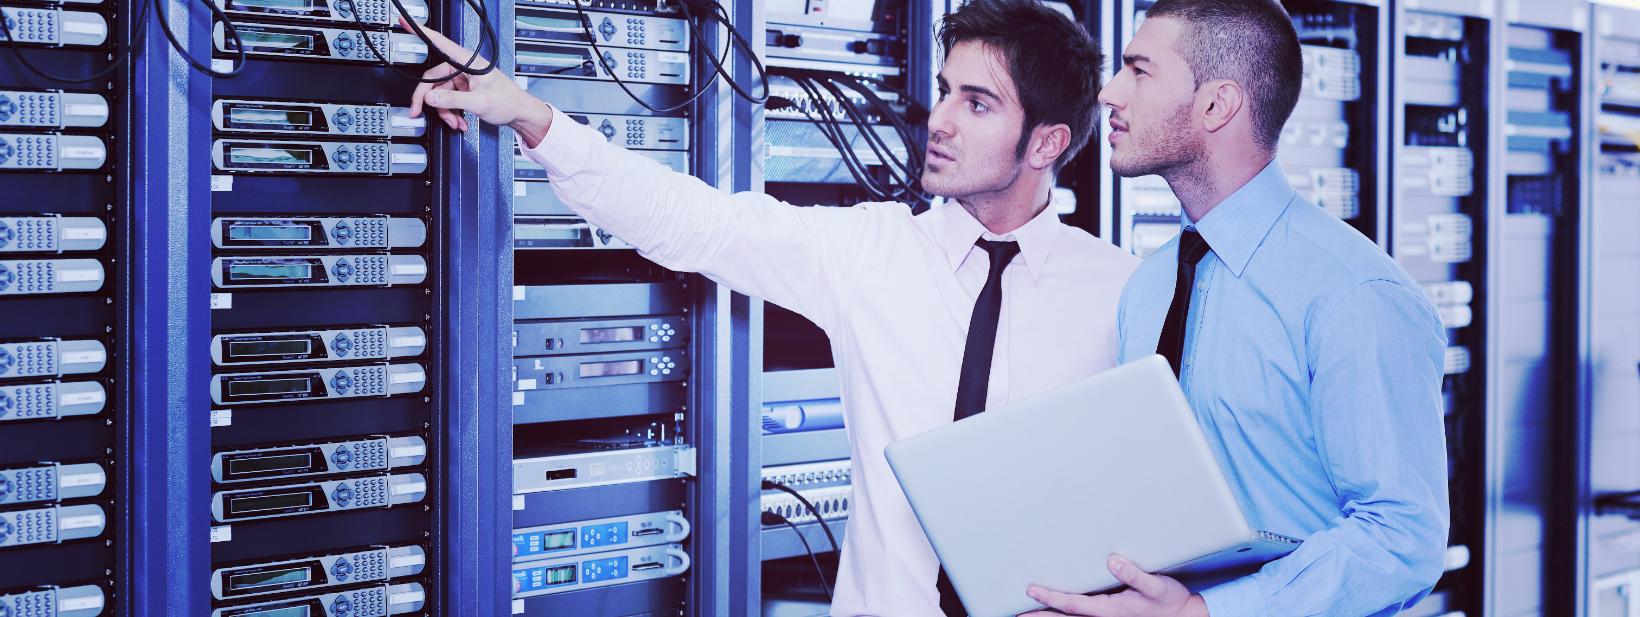 it-enineers-in-network-server-room-2021-04-02-19-39-08-utc.png